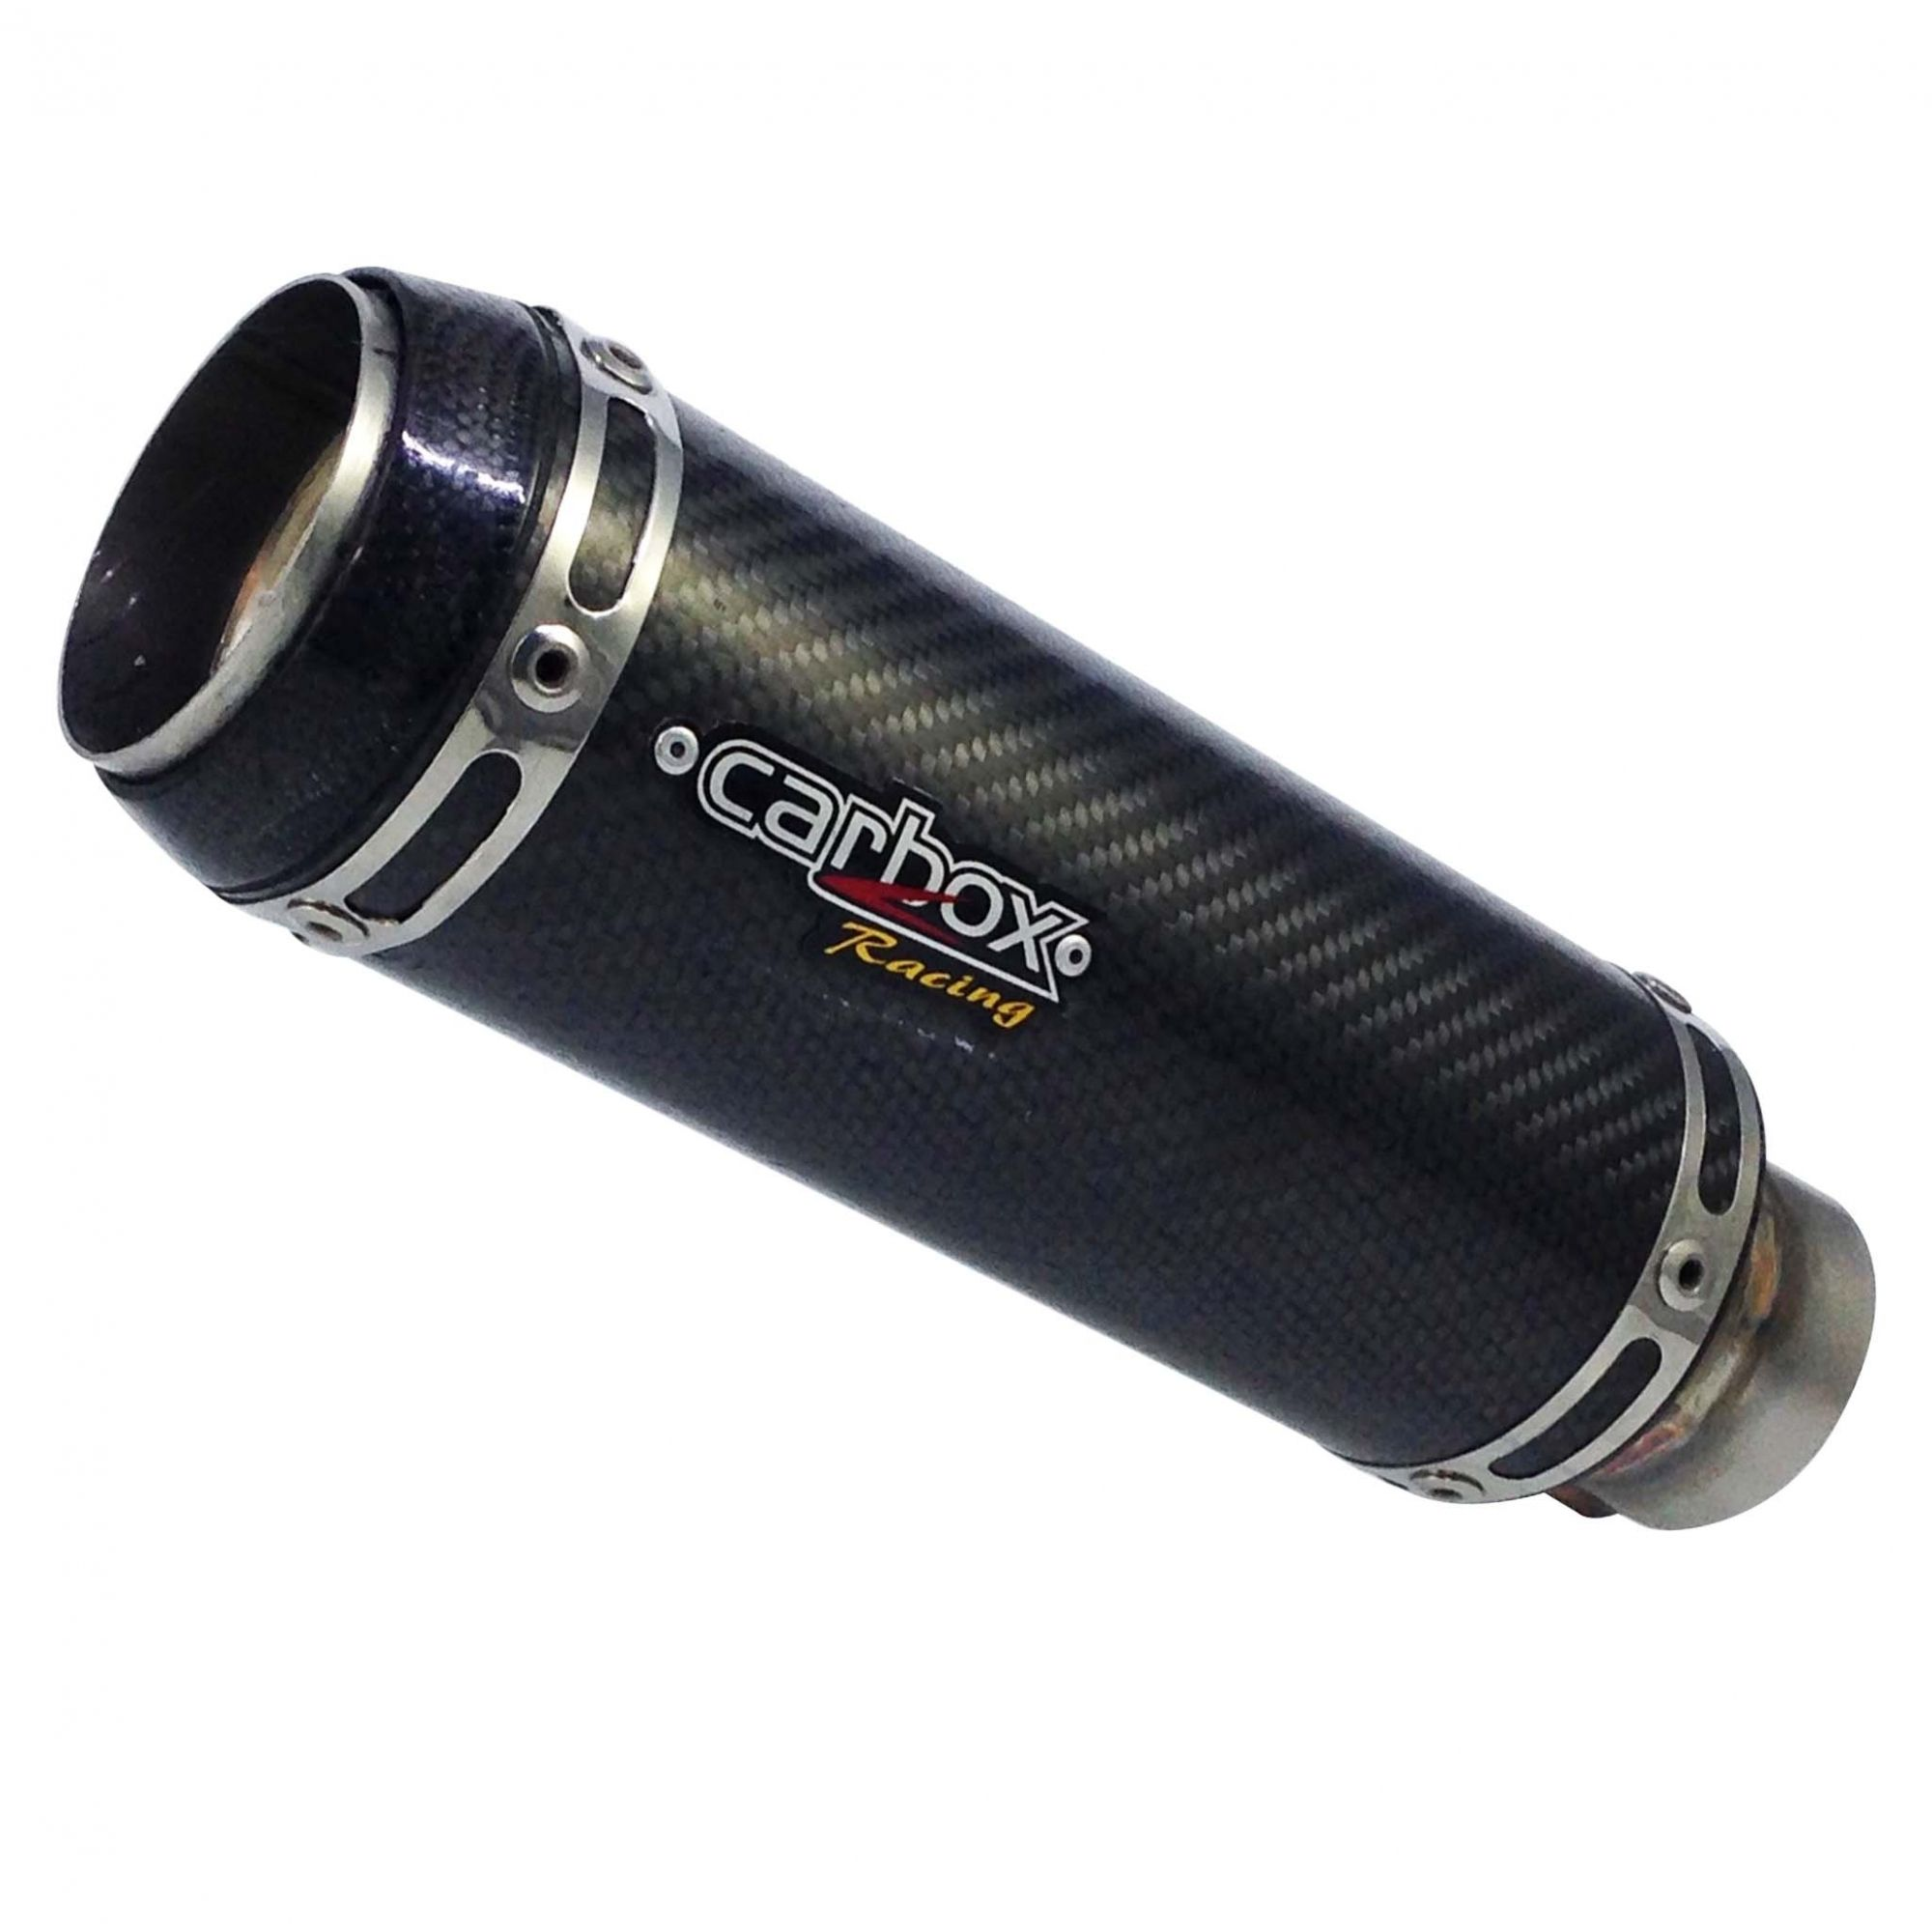 Ponteira Escapamento Gp Tech Carbon - Bandit 650/1250